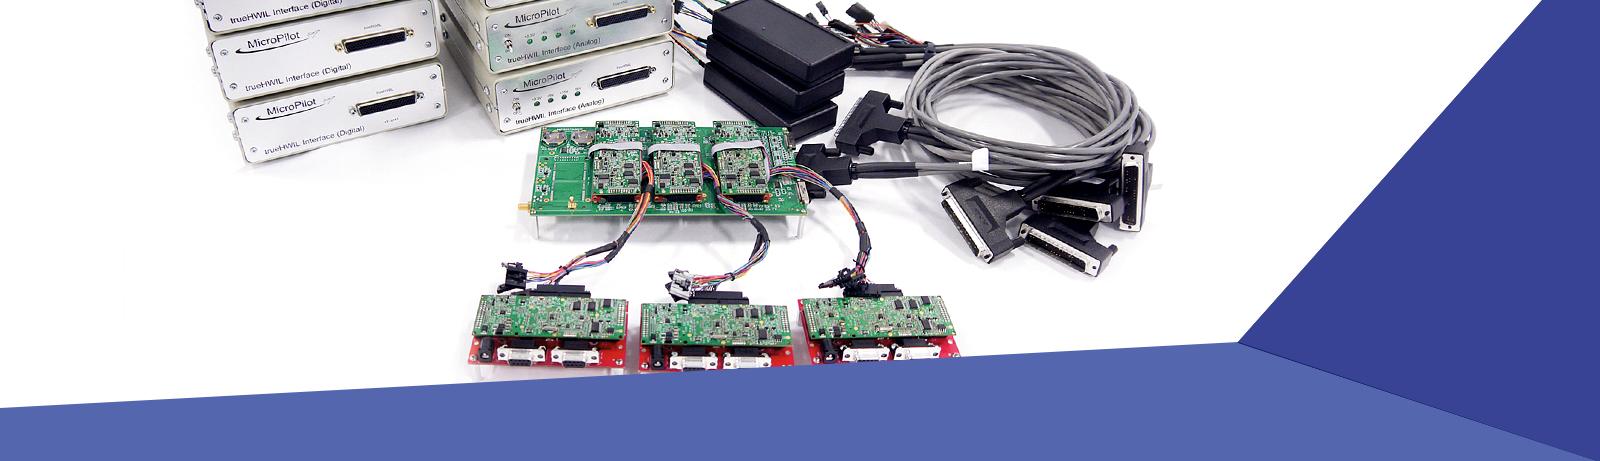 MicroPilot - Marktführer von UAV Autopiloten